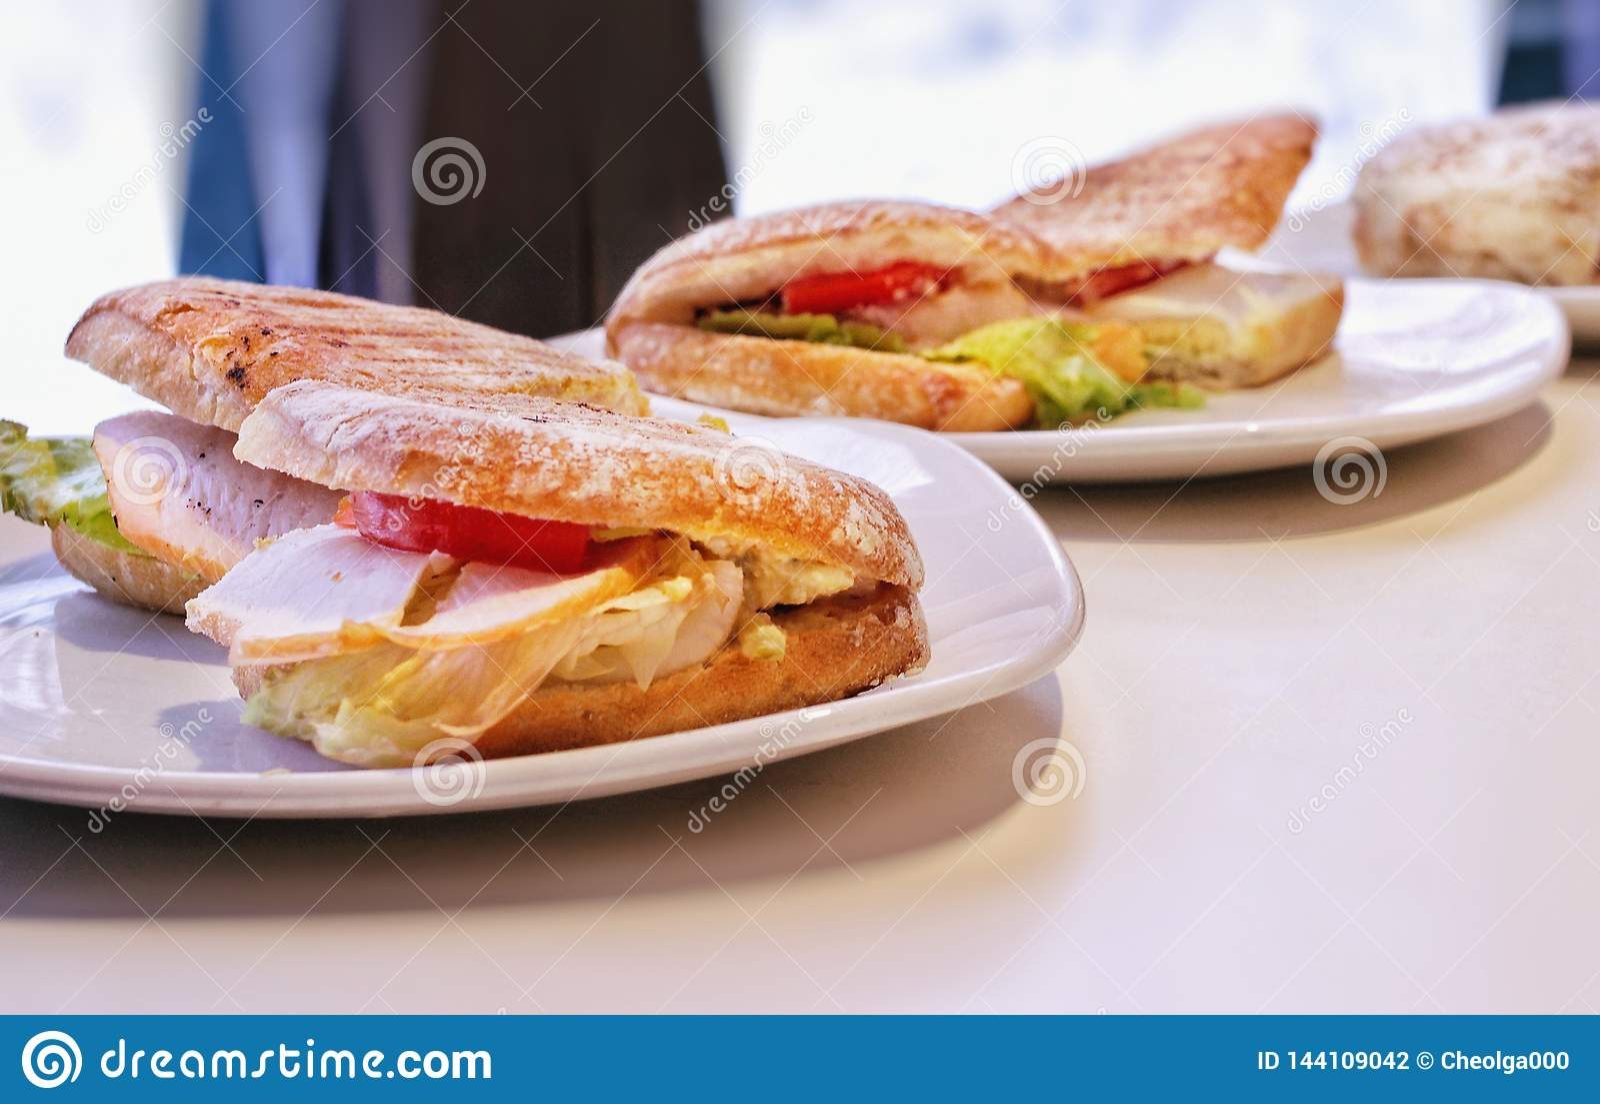 可口热的三明治用火鸡、鸡肉沙拉和蕃茄,在板材的裁减在桌上